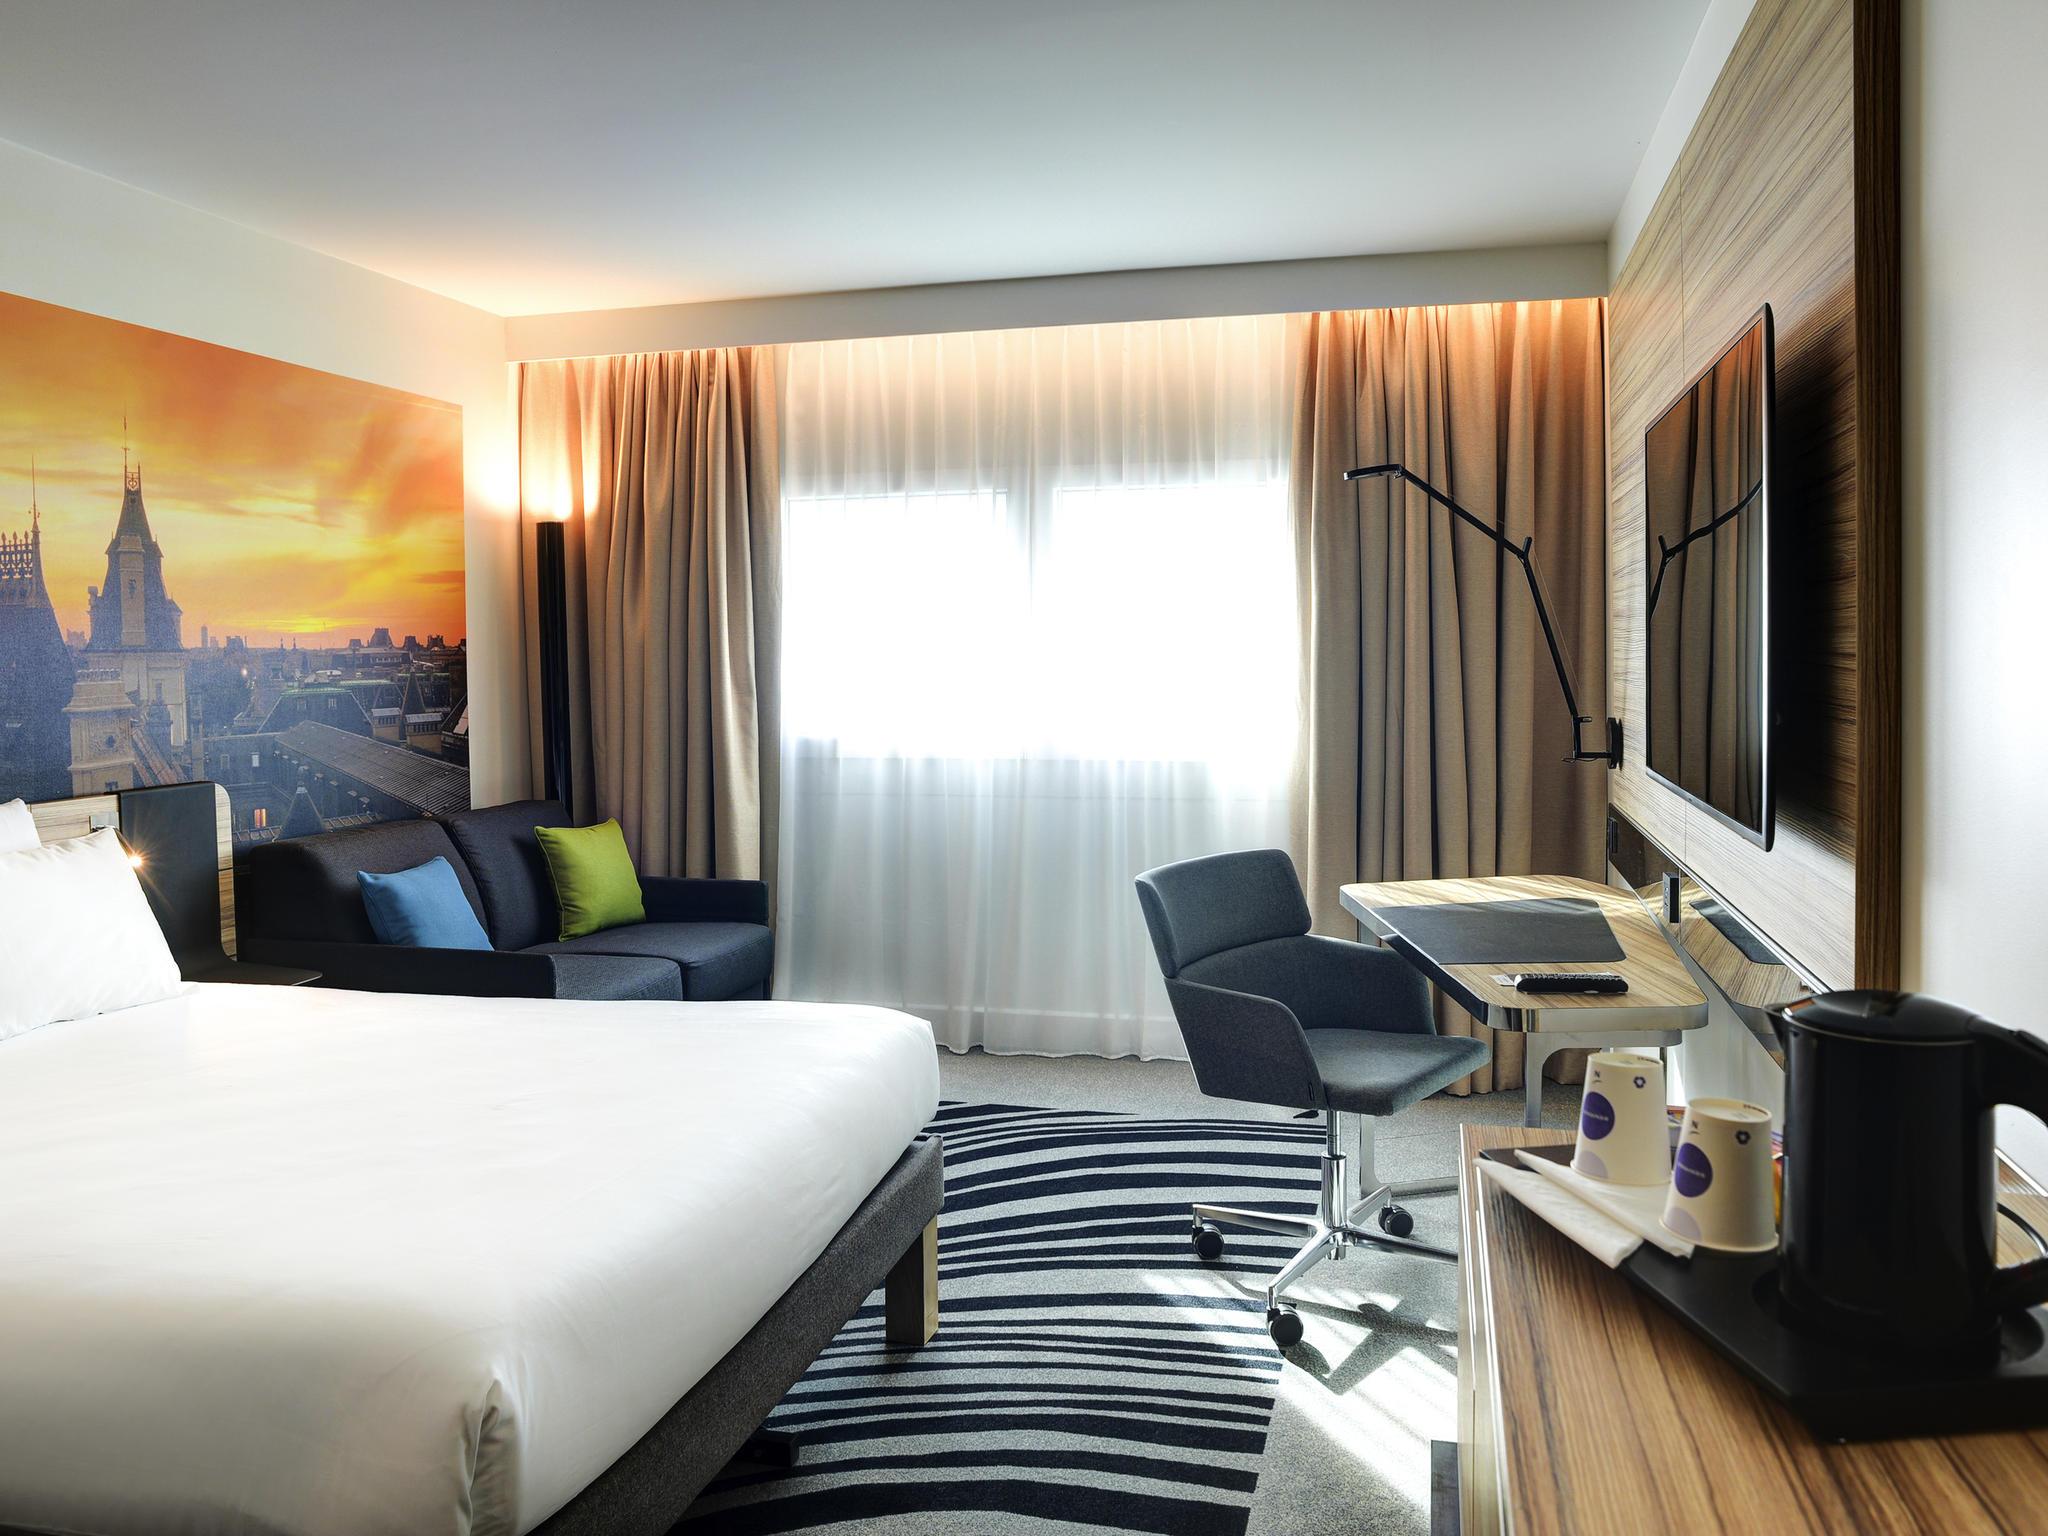 酒店 – 巴黎 14 区奥尔良门诺富特酒店